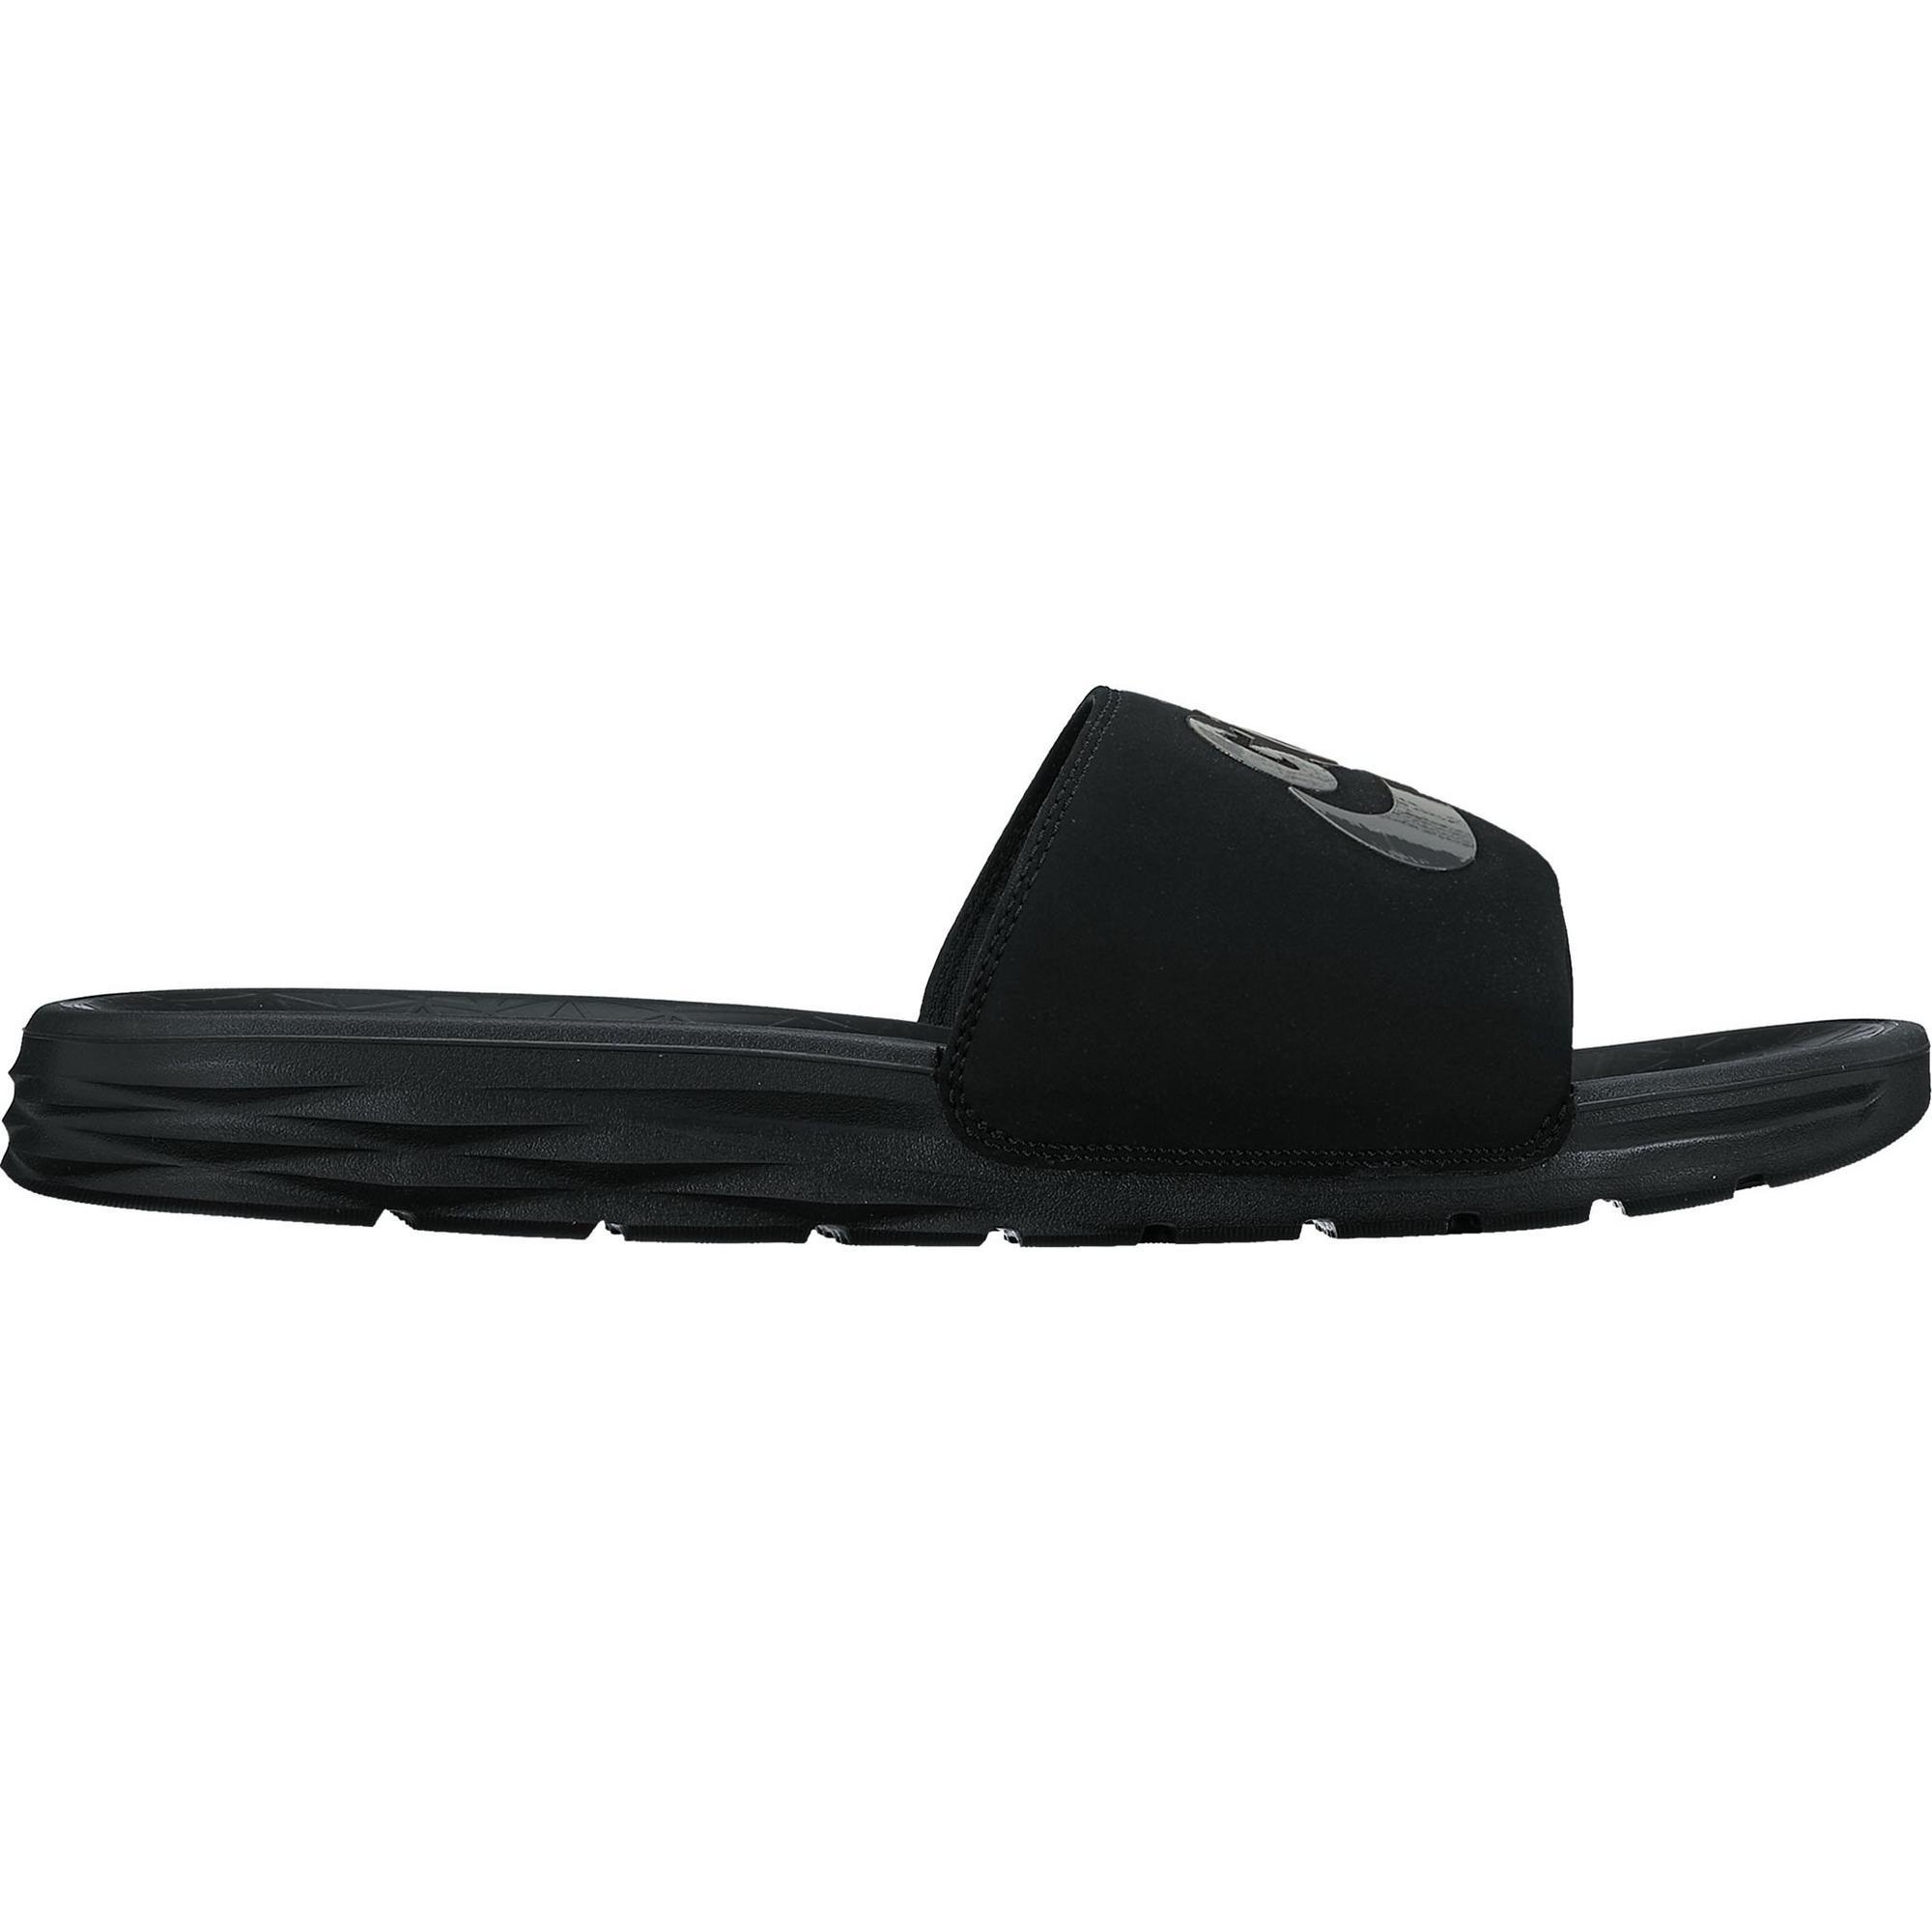 Sandales athlétiques Benassi Solarsoft 2G pour hommes - Noir